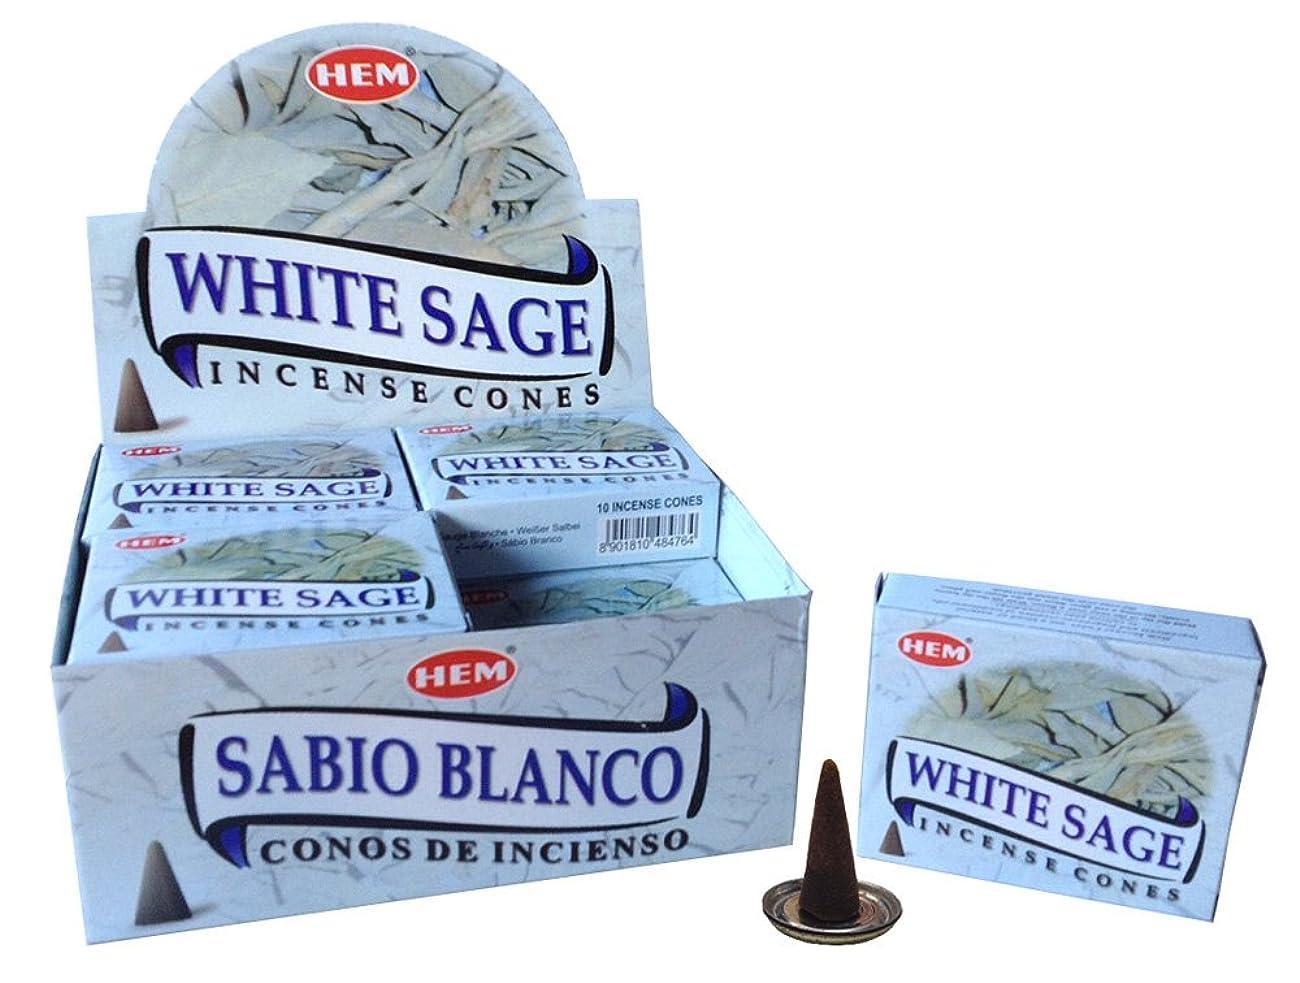 カセット優雅理容室HEM ホワイトセージ コーン 24個セット